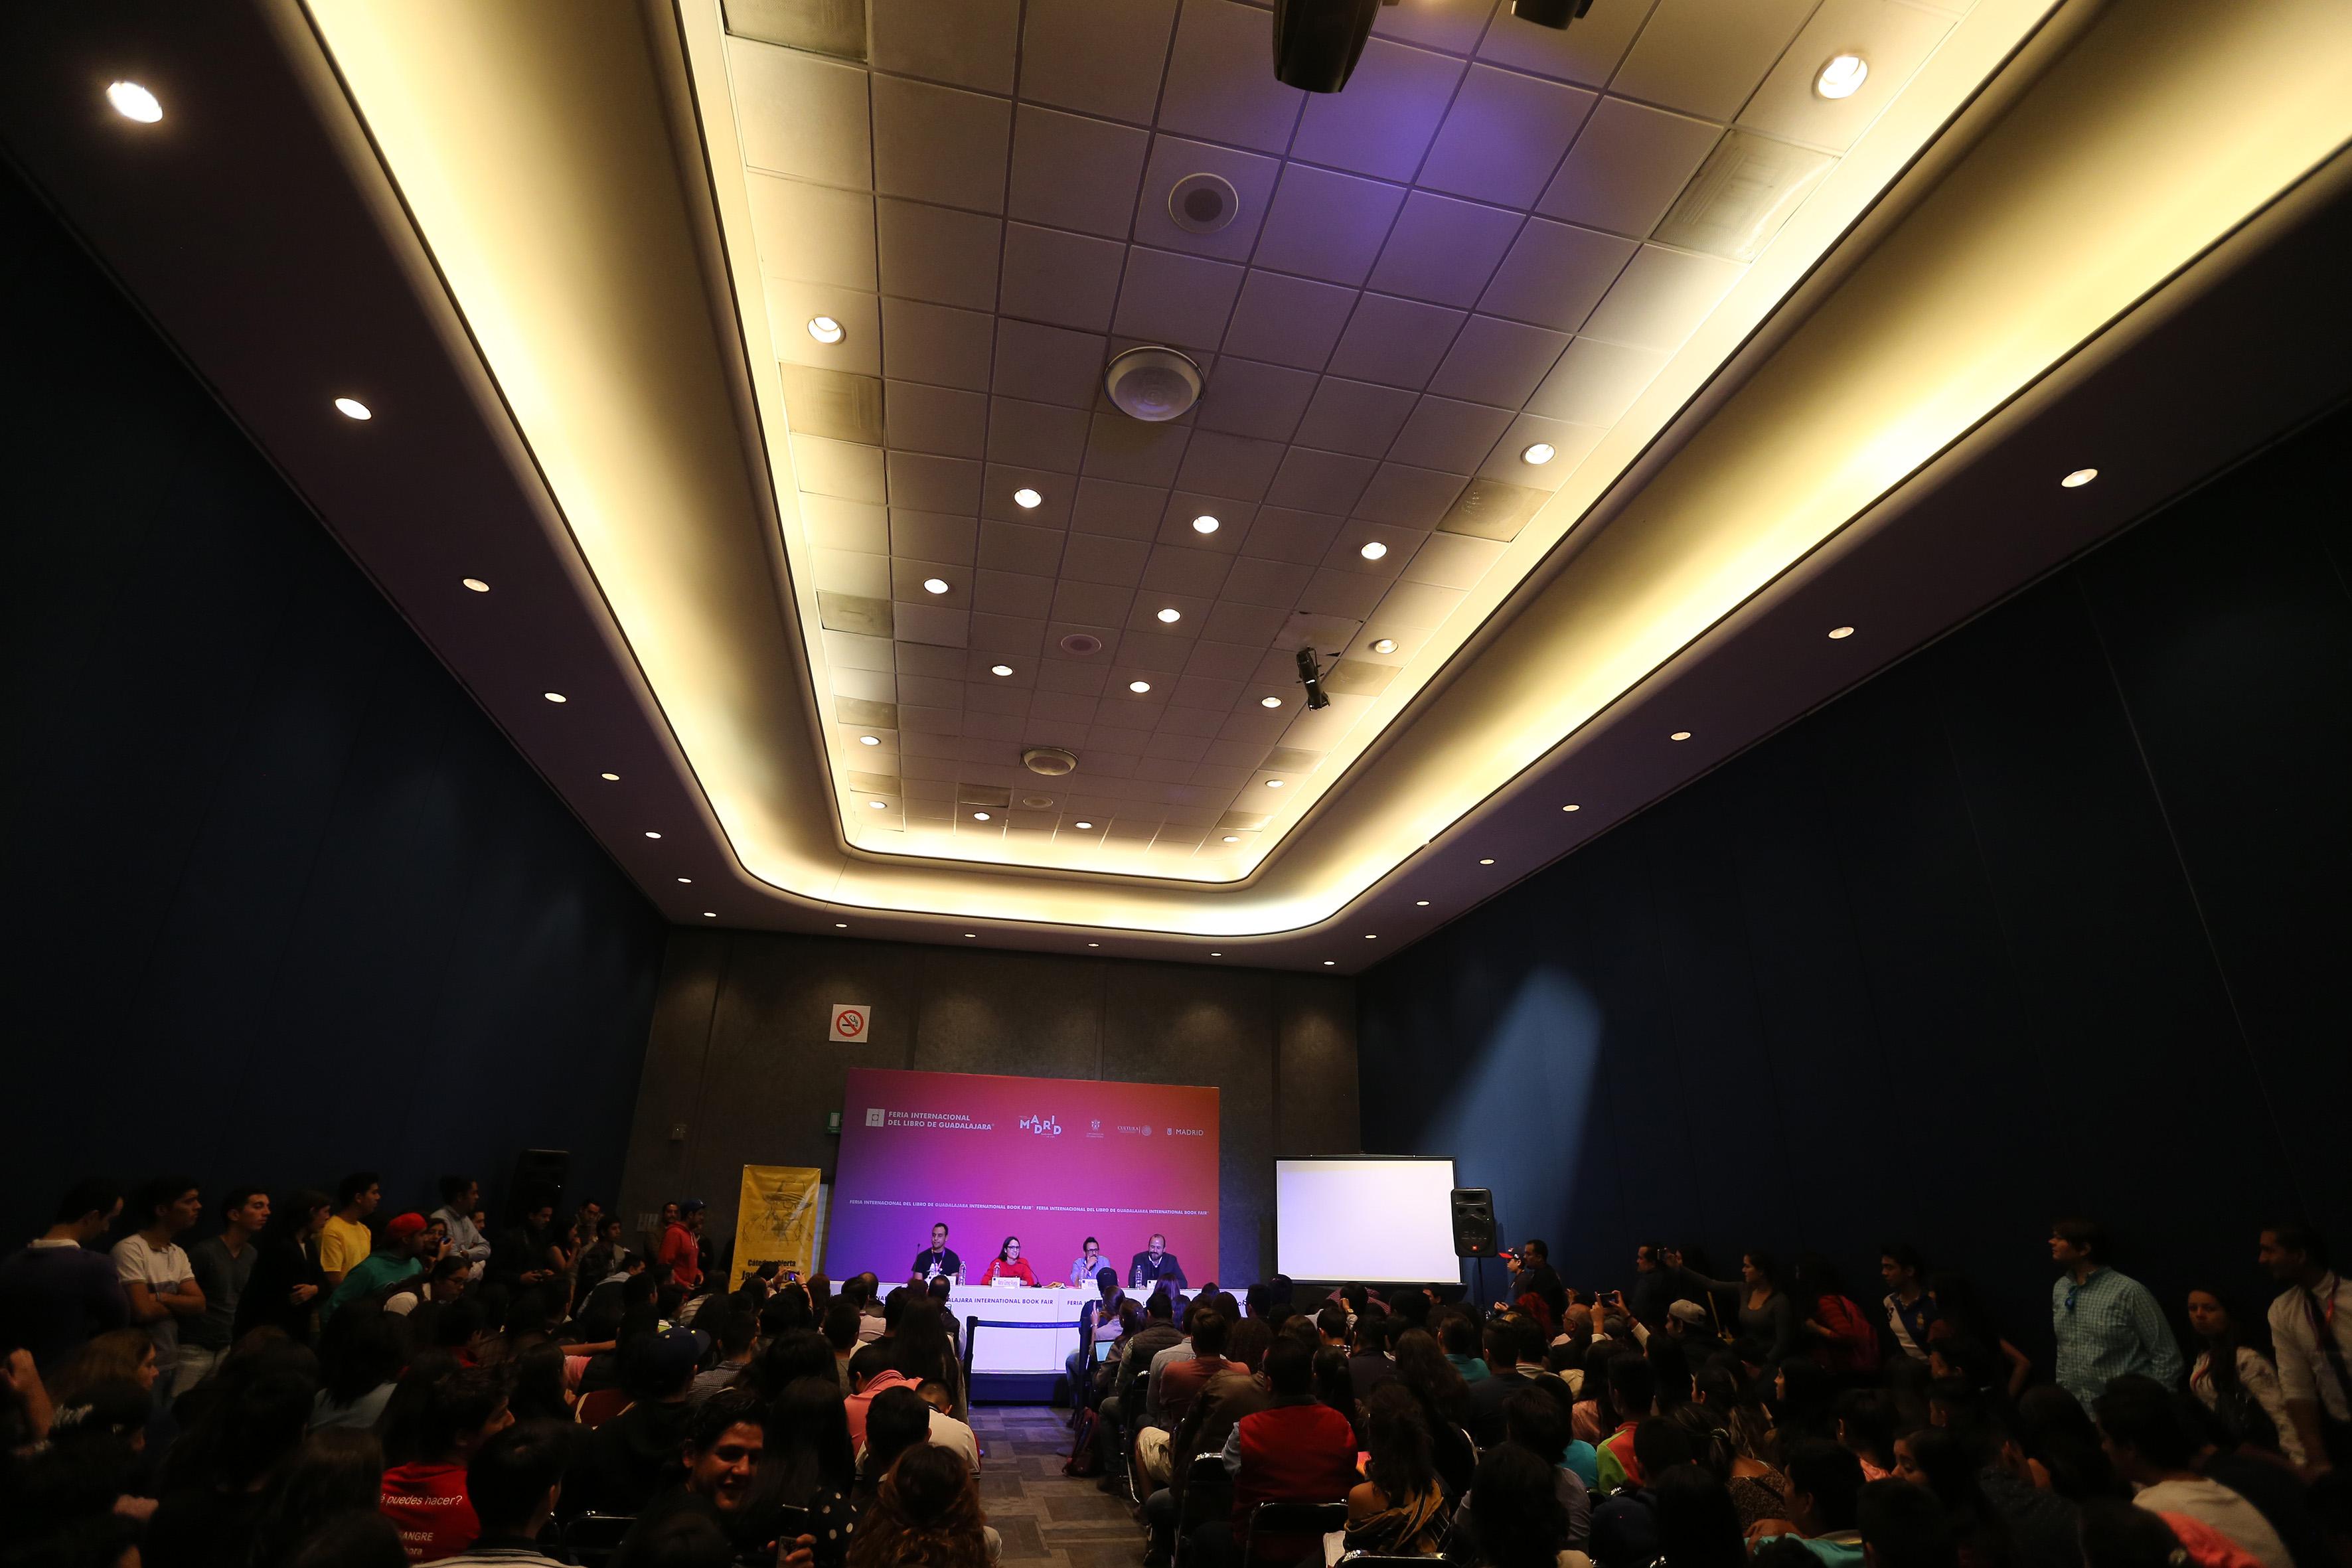 Vista panorámica de la cátedrá celebrada en instalacciones de Expo Guadalajara, durante la 31 Feria Internacional del Libro (FIL).